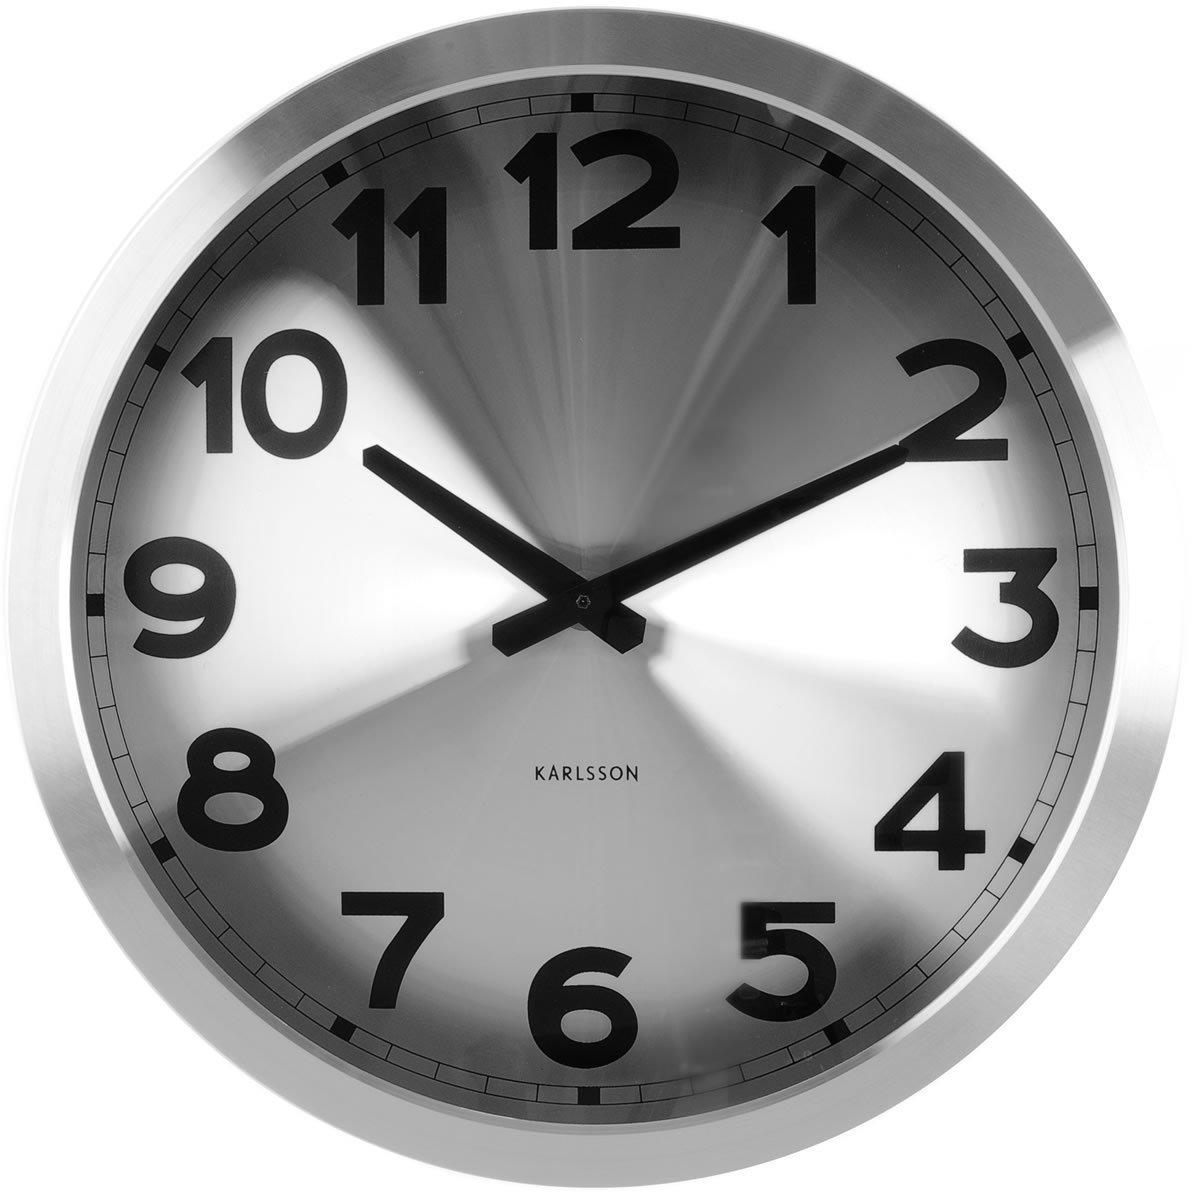 Nástěnné hodiny Silver Station alu sweep movement 40cm - Karlsson